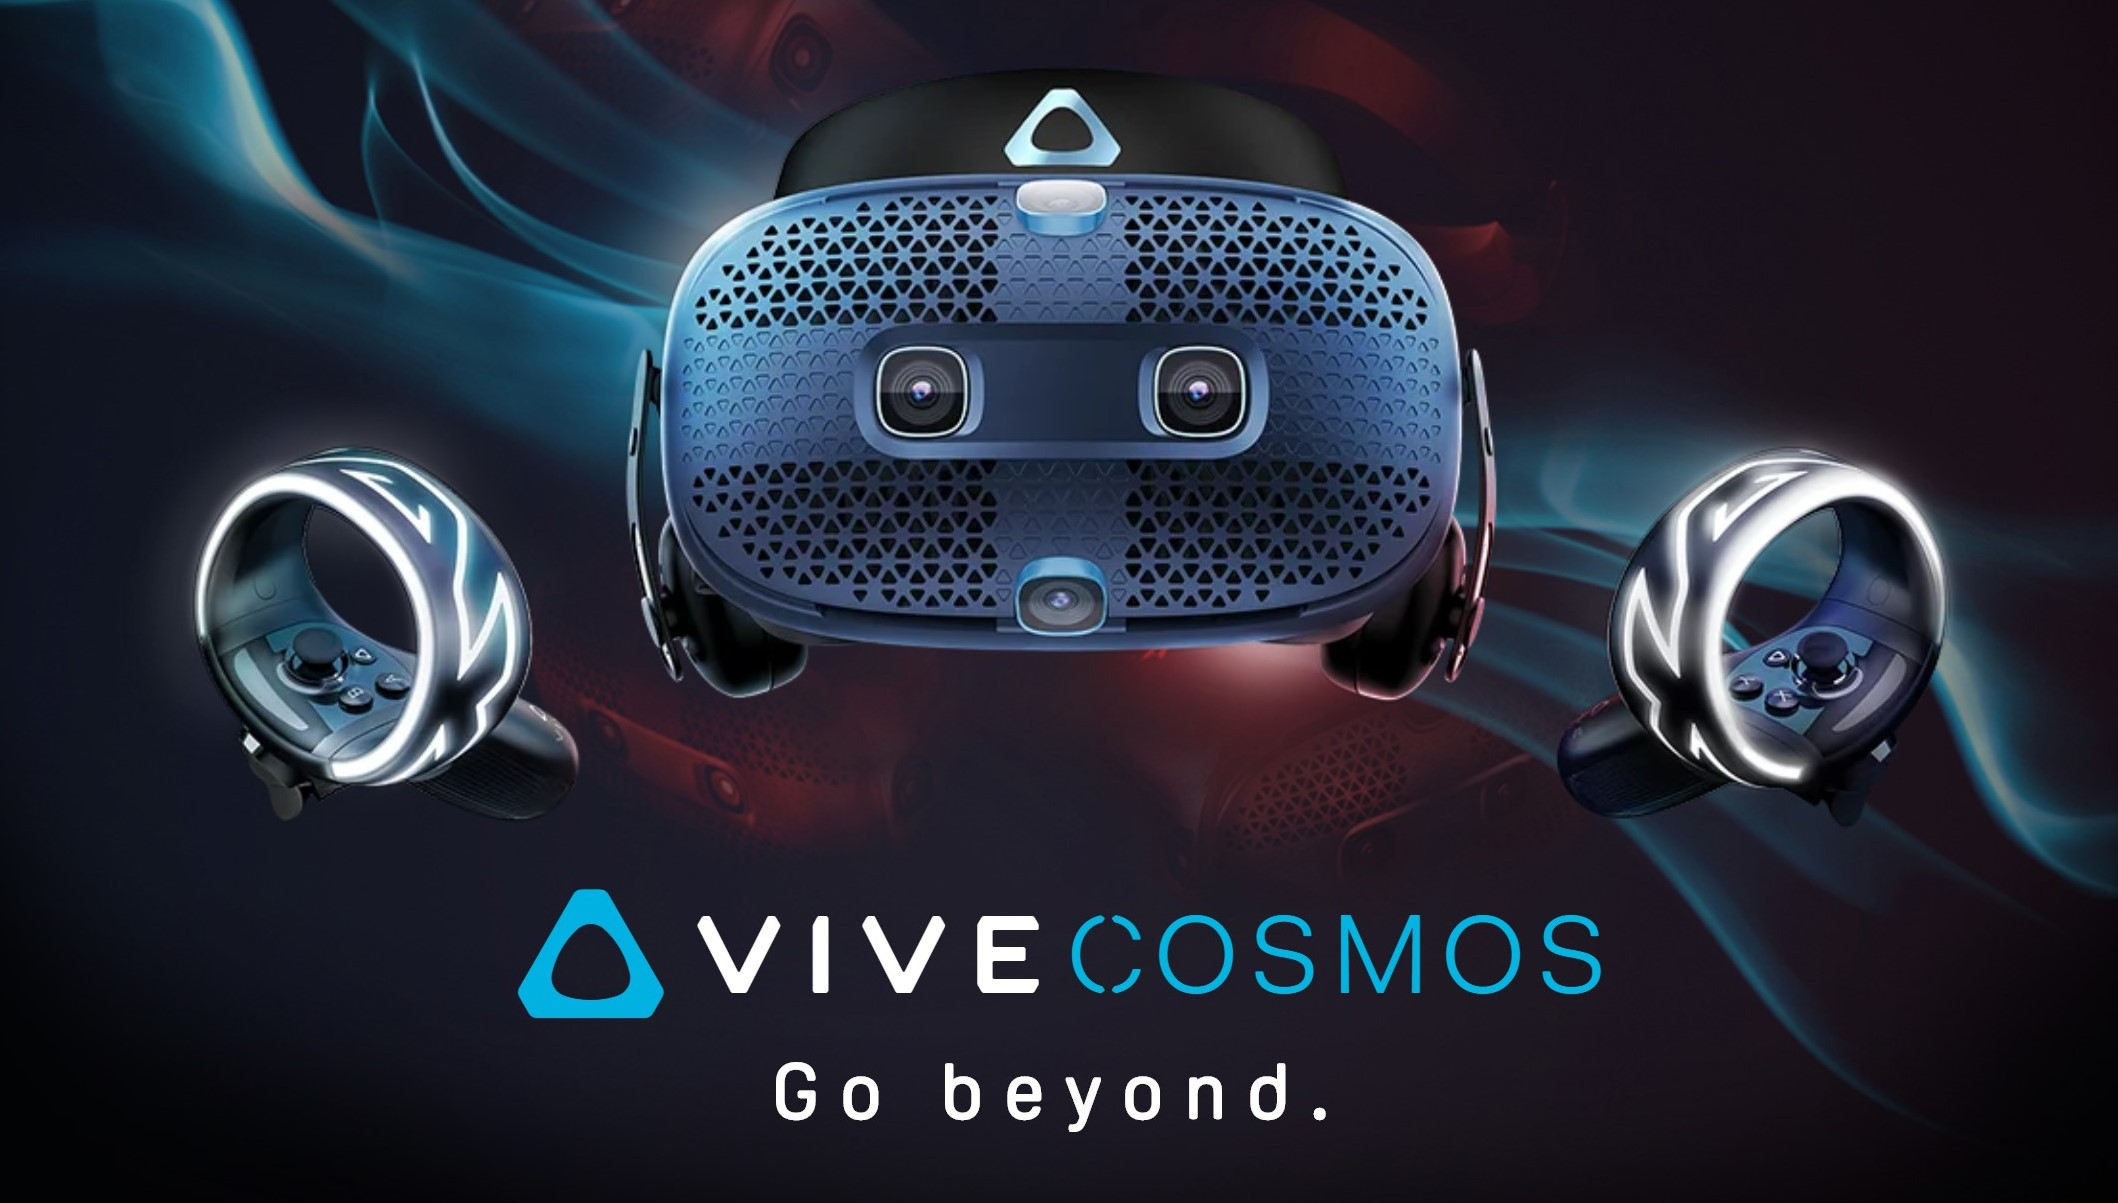 HTC Vive Cosmos - czy cena w Polsce jest kosmiczna? 17